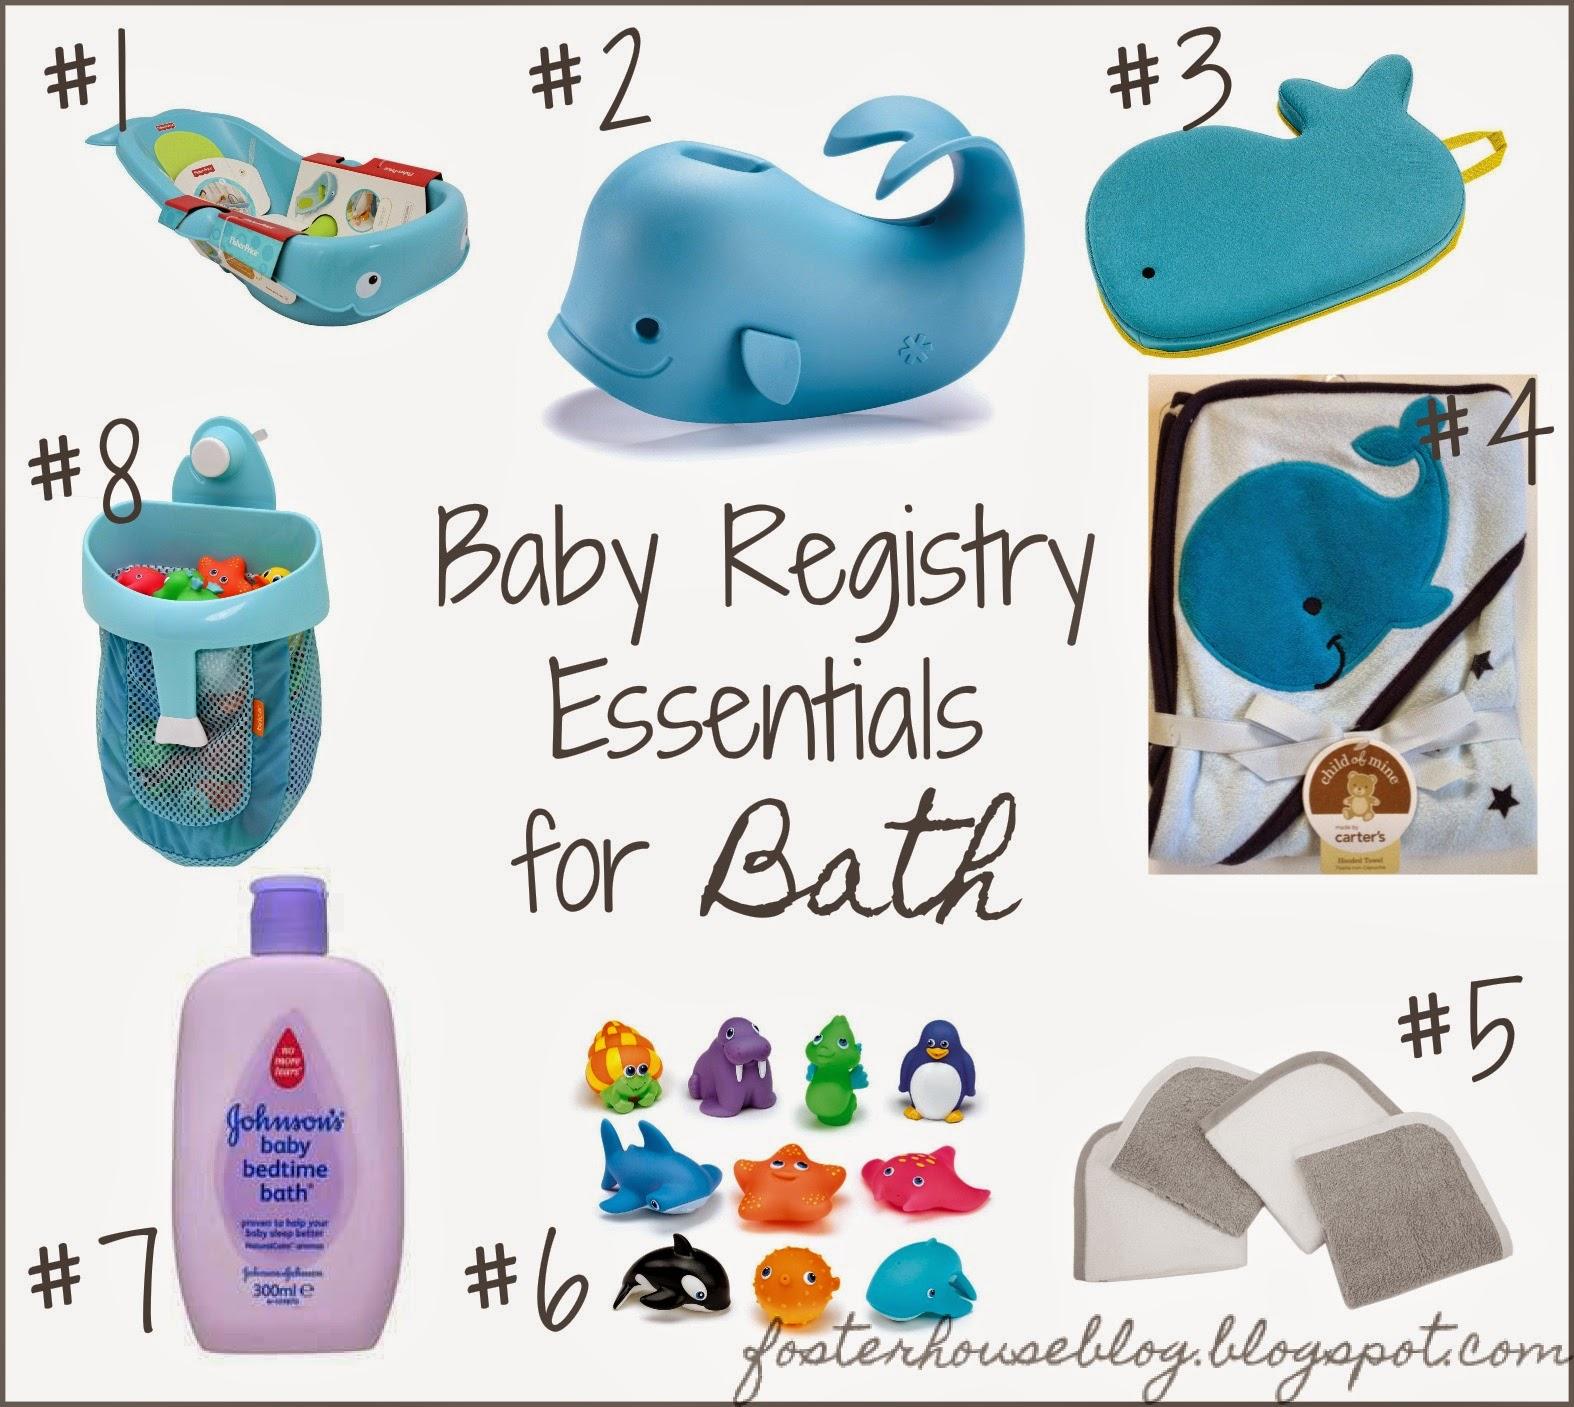 Baby Registry Essentials: Bath | Foster House